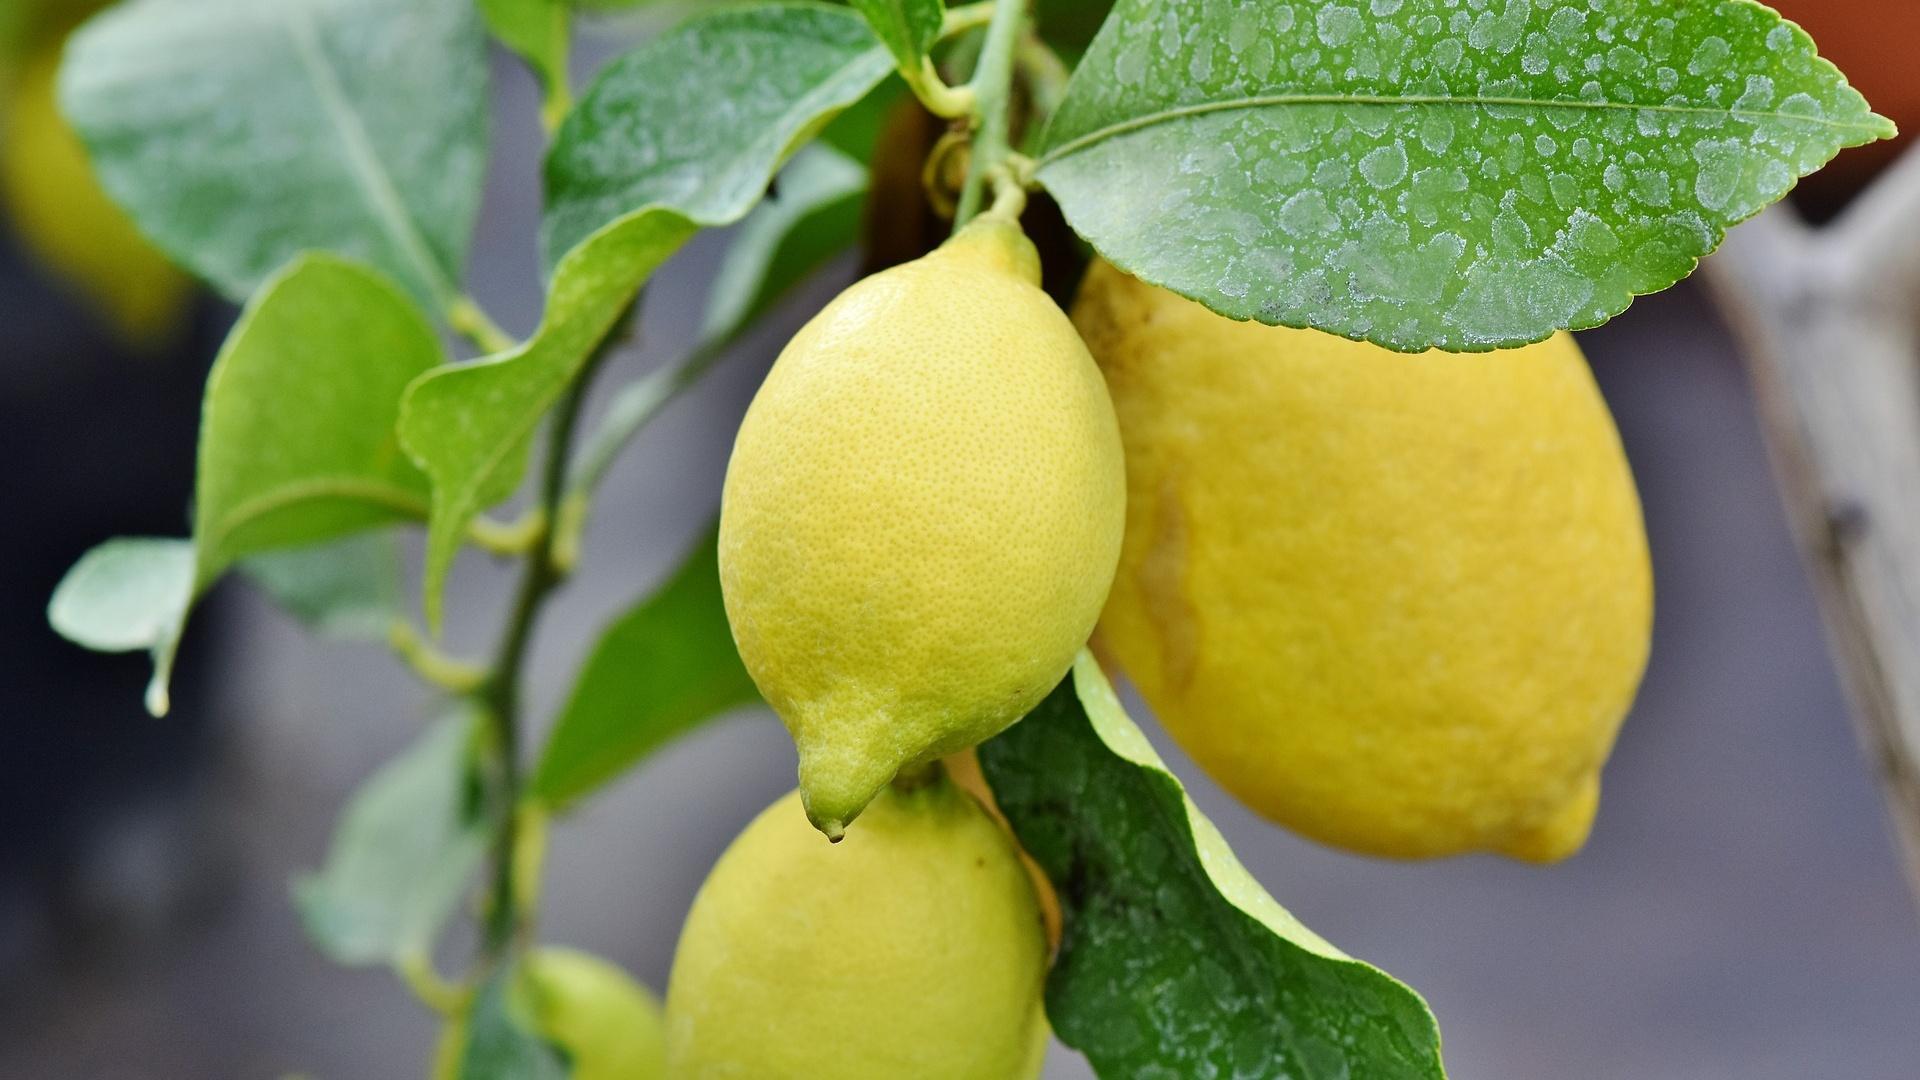 Zitronenpflanzen eignen sich sehr gut für die Haltung im Kaltwintergarten.